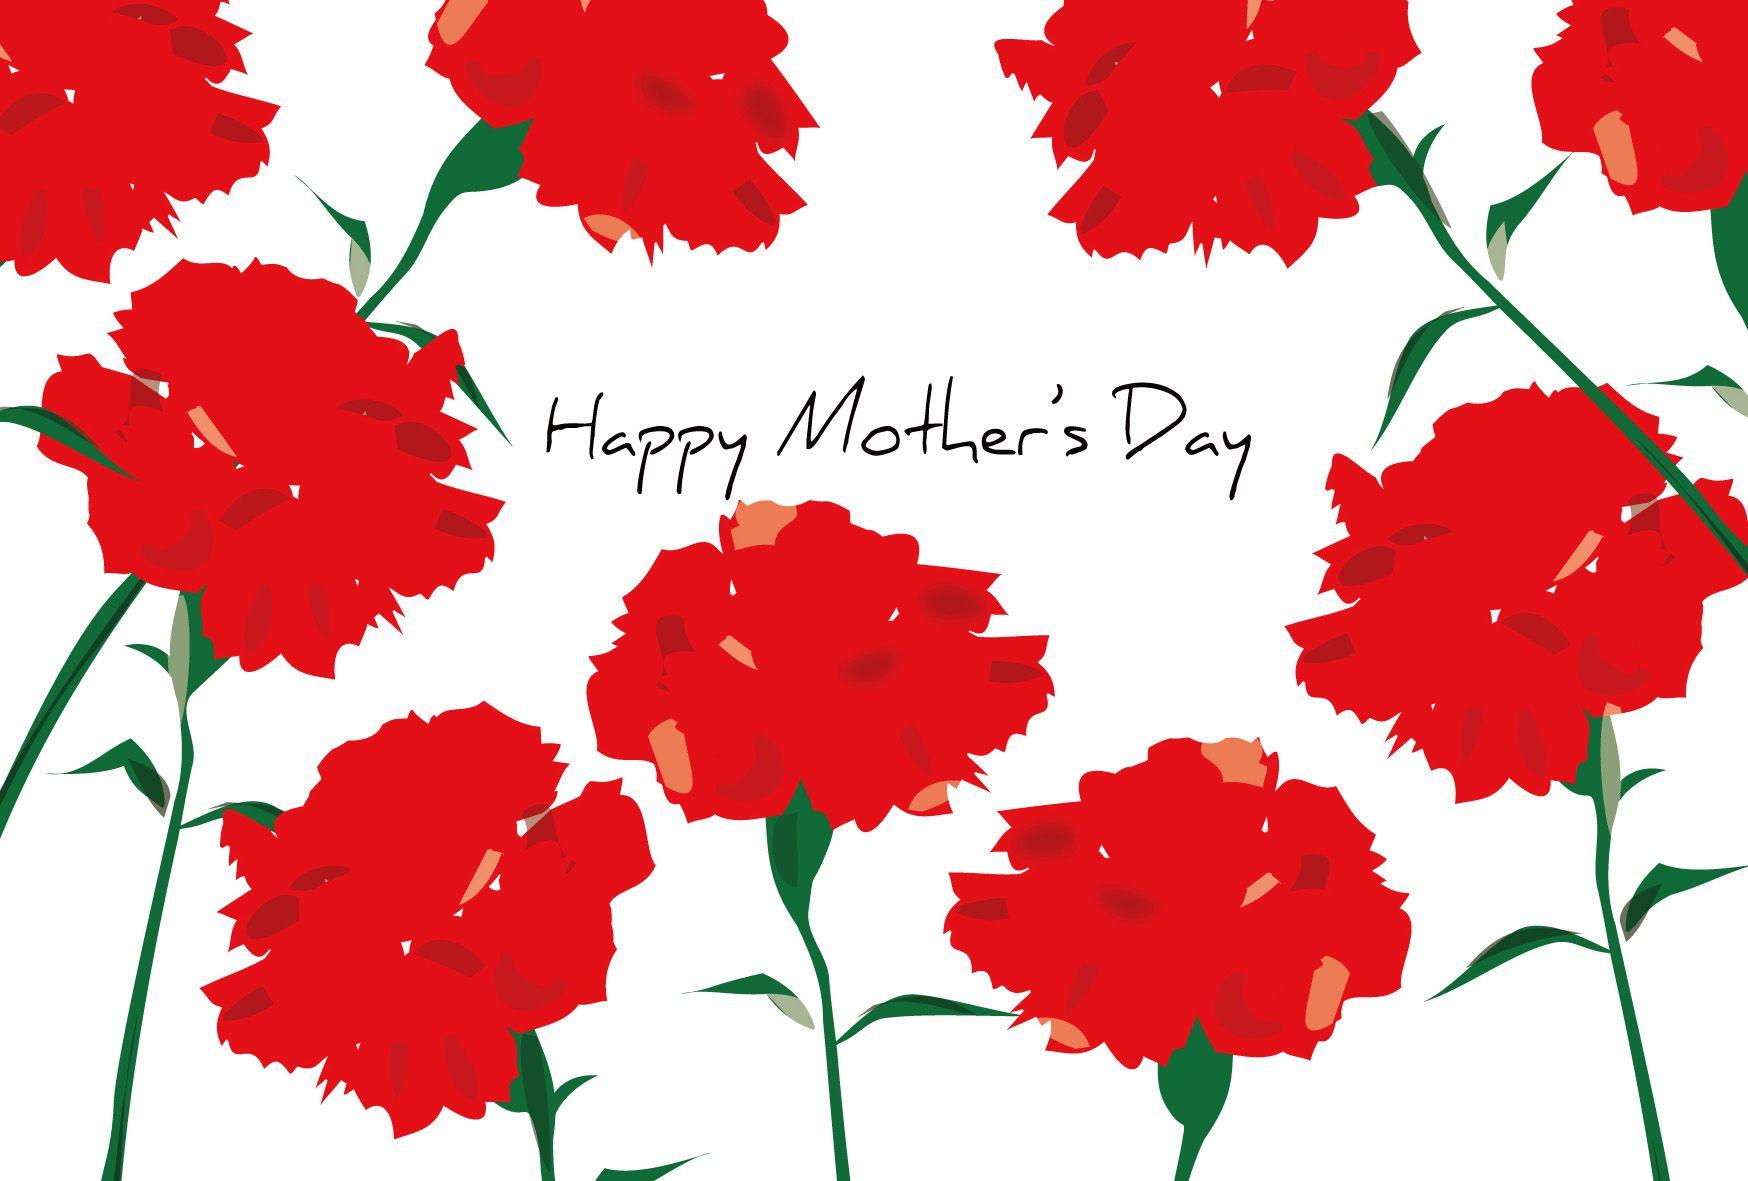 母の日 イラスト - google 検索 | mother's day | pinterest | 母の日